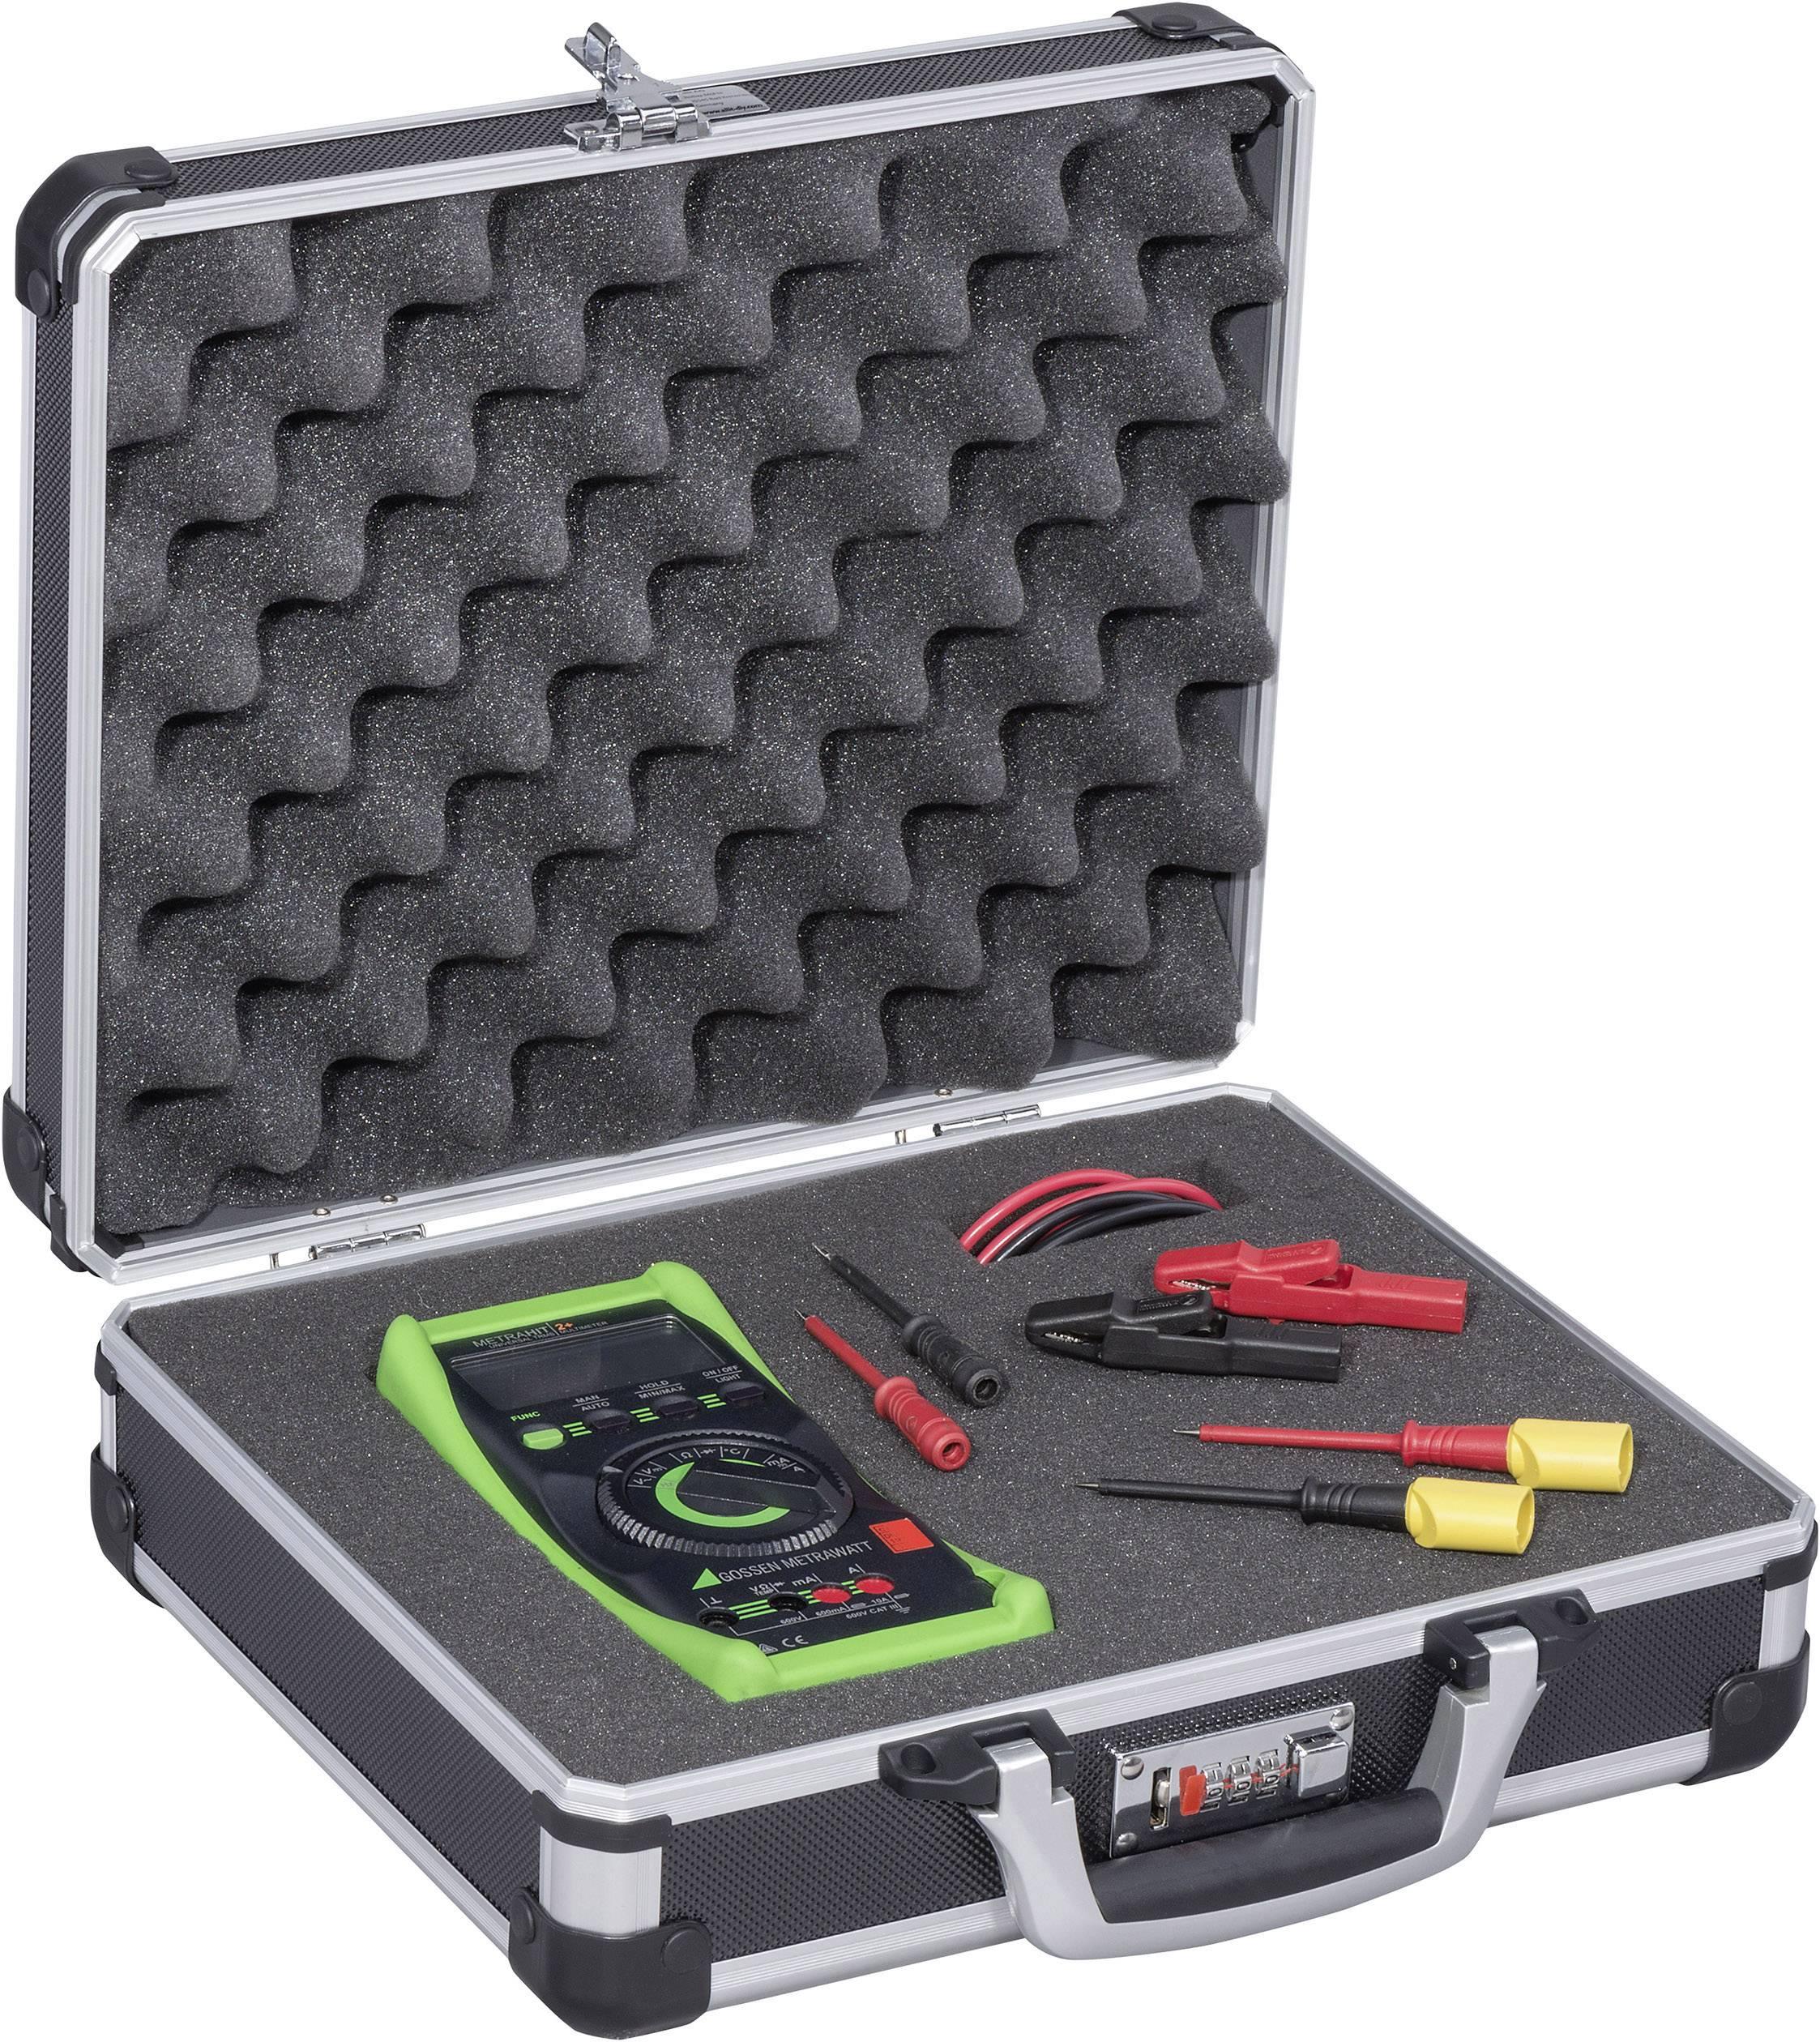 Kufřík na nářadí Allit AluPlus Protect C 36 425805, (d x š x v) 355 x 325 x 135 mm